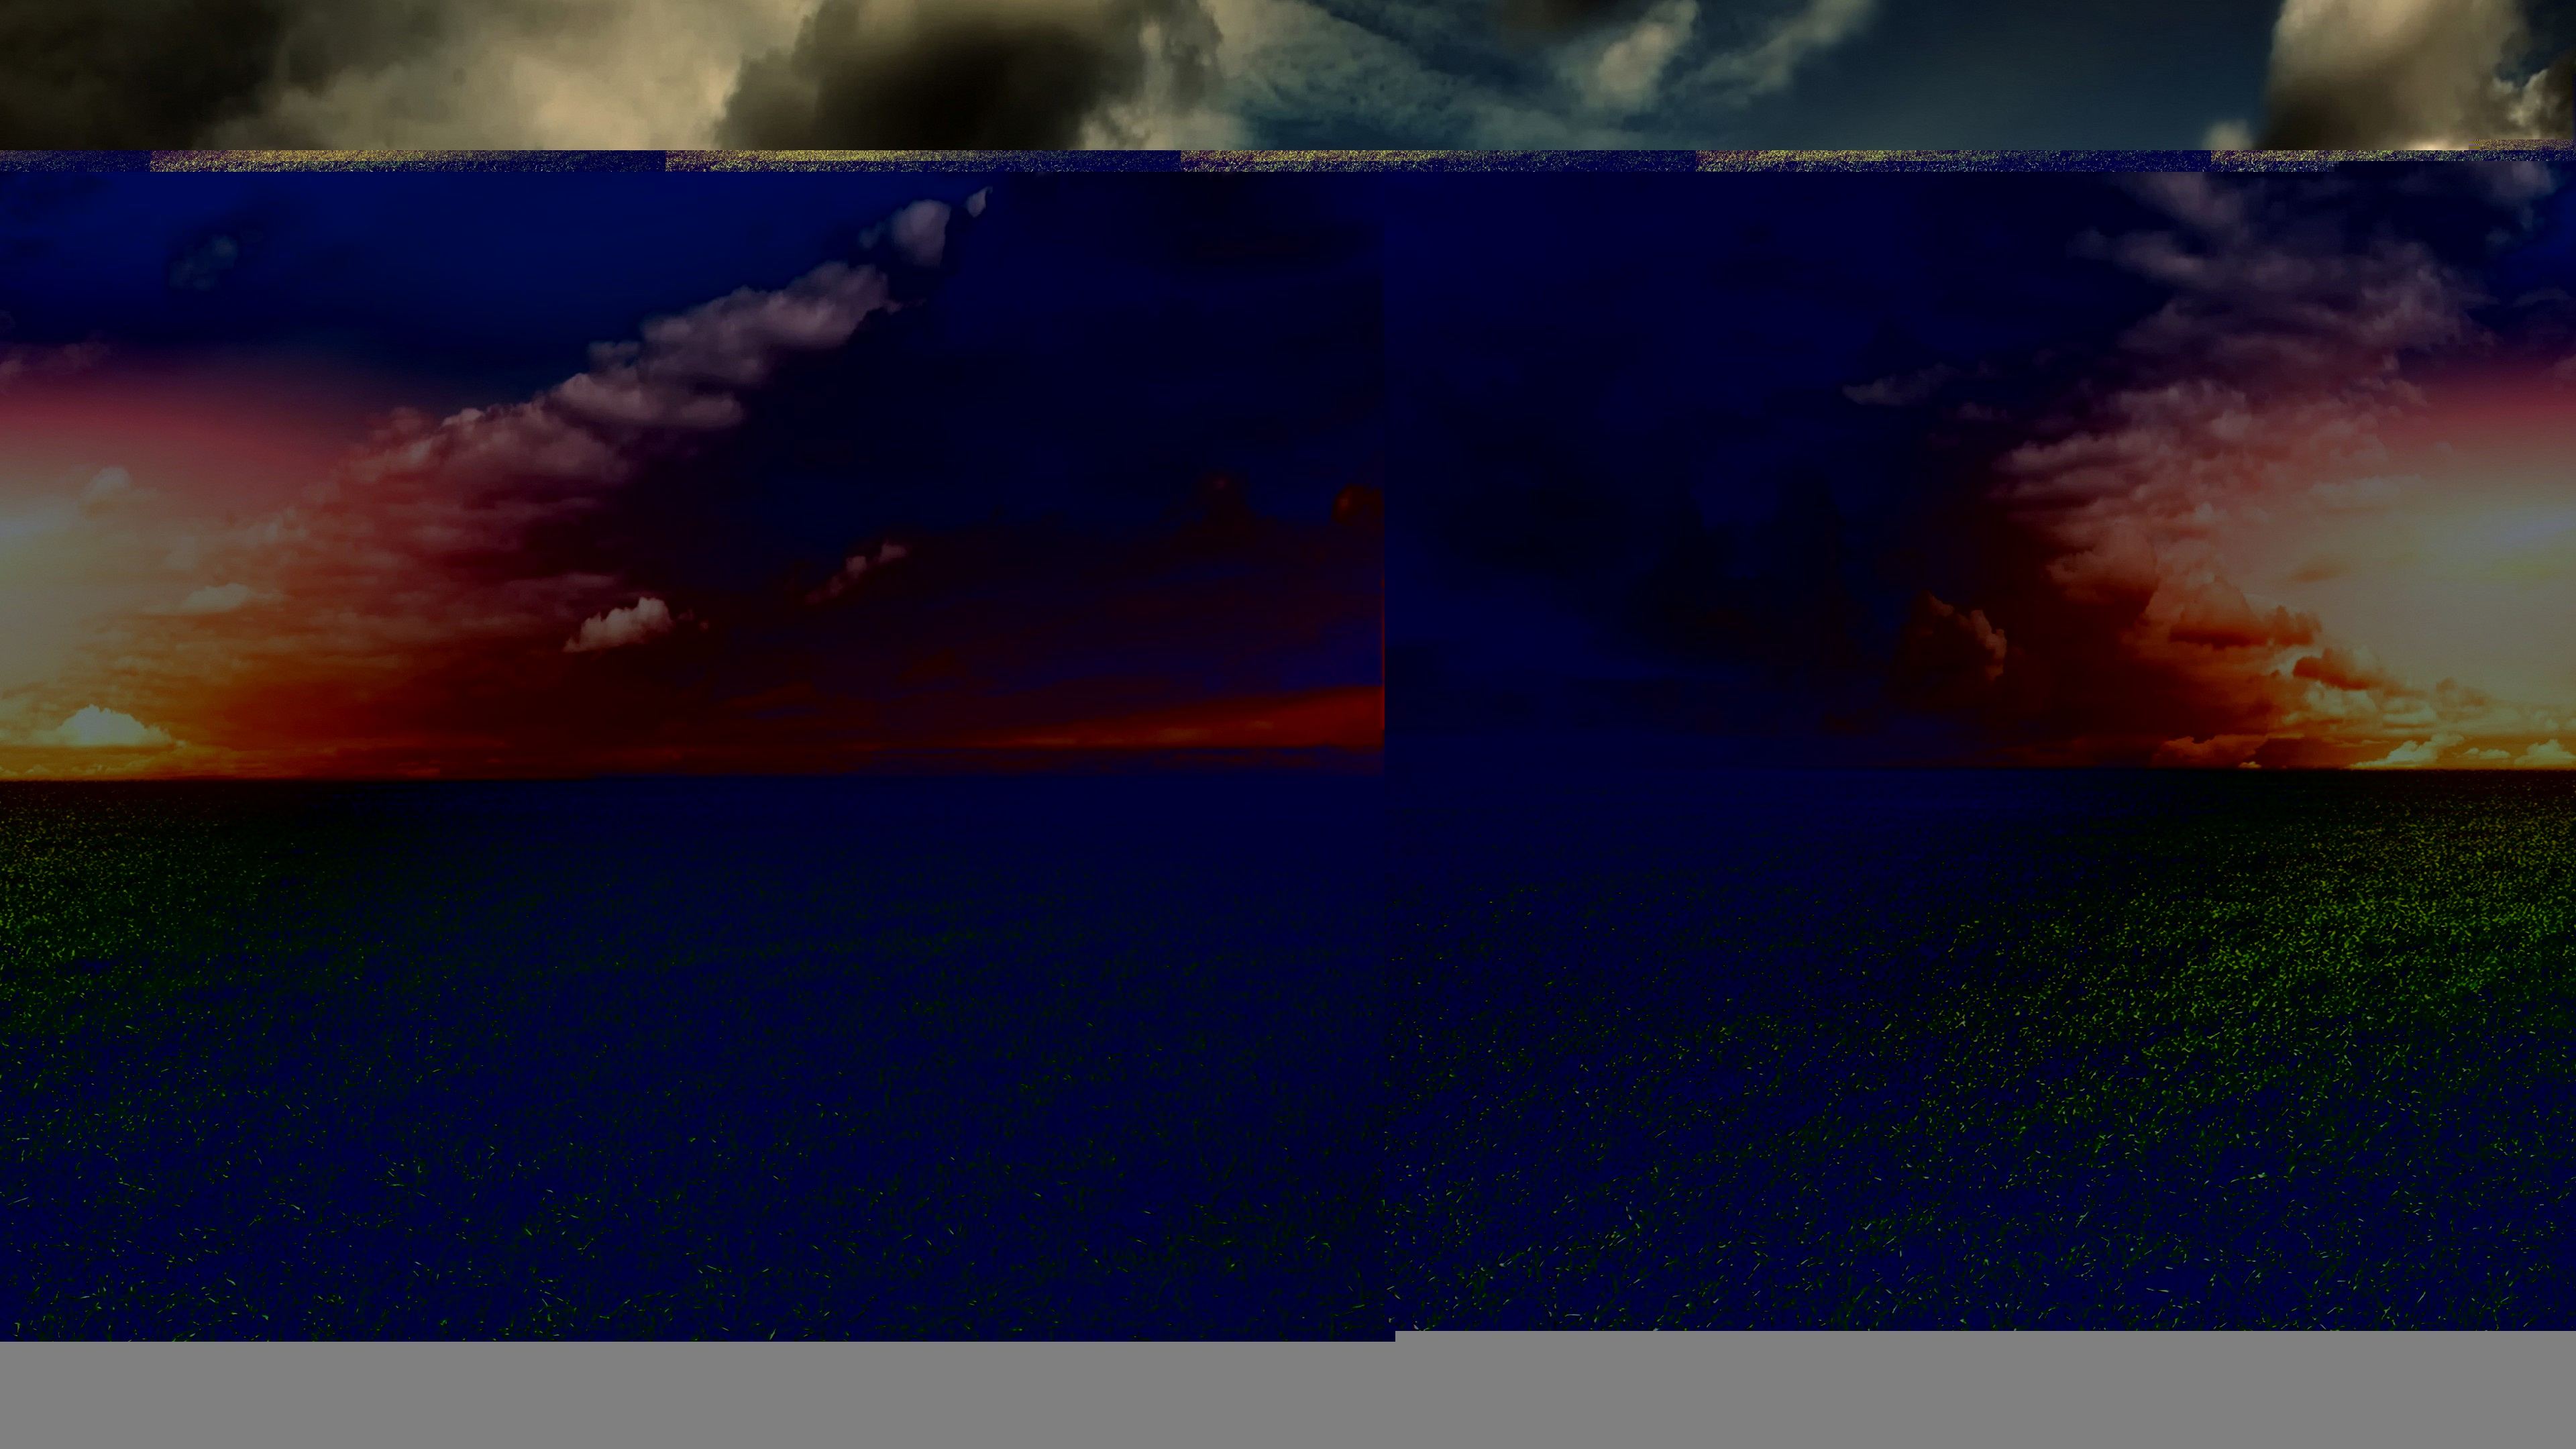 Розово-желтое сияние небосвода накрывают тяжелые черные тучи в бушующем океане